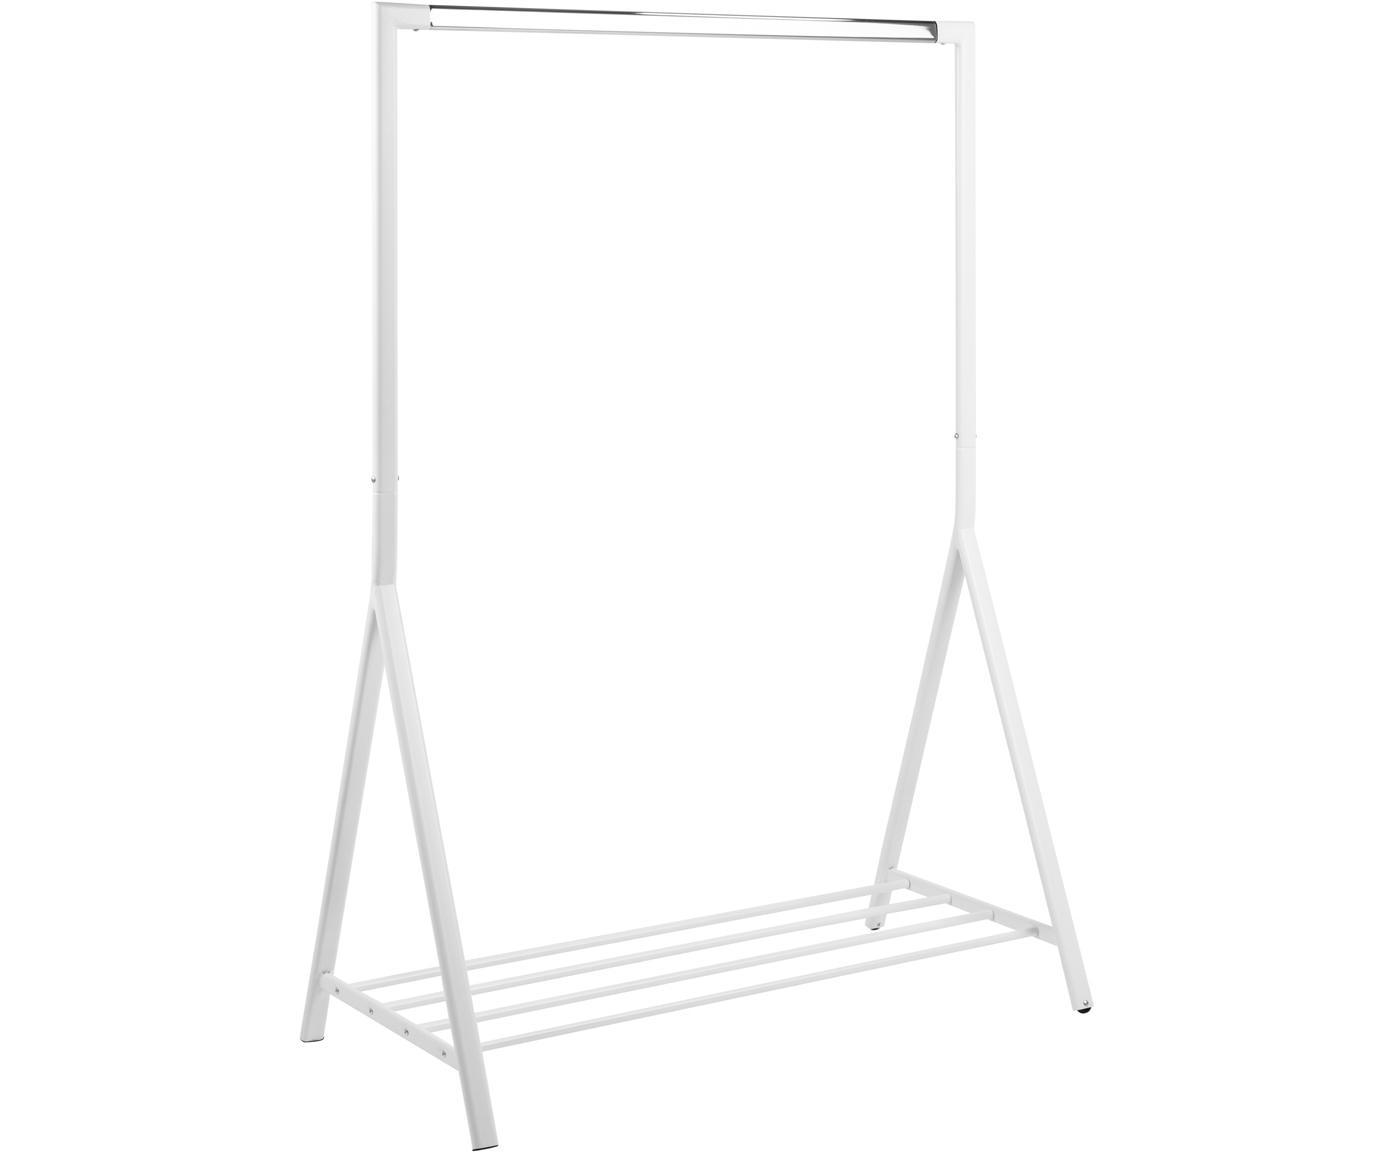 Wieszak stojący z półką Brent, Metal malowany proszkowo, Biały, S 117 x G 59 cm